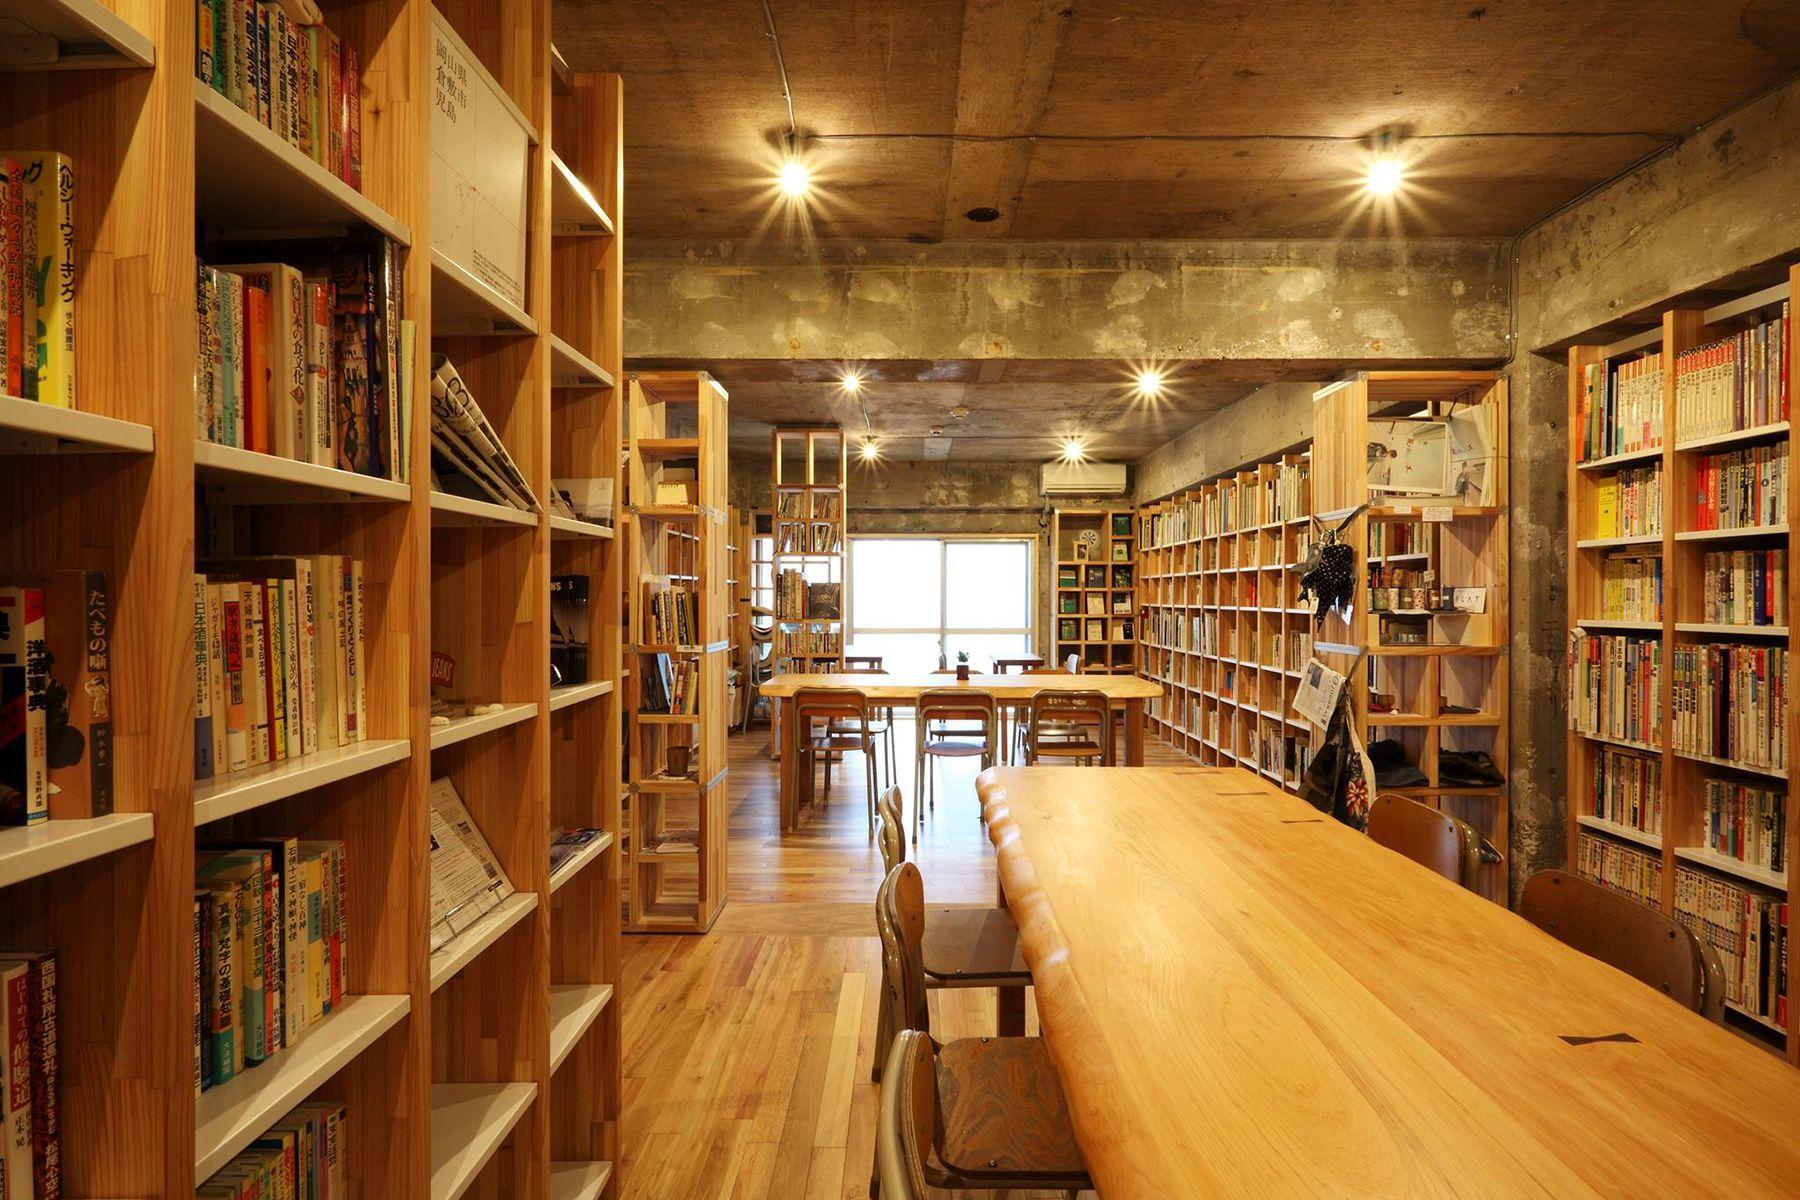 KAIDO books&coffee (カイドブックスアンドコーヒー)2F テーブルなどは移動可